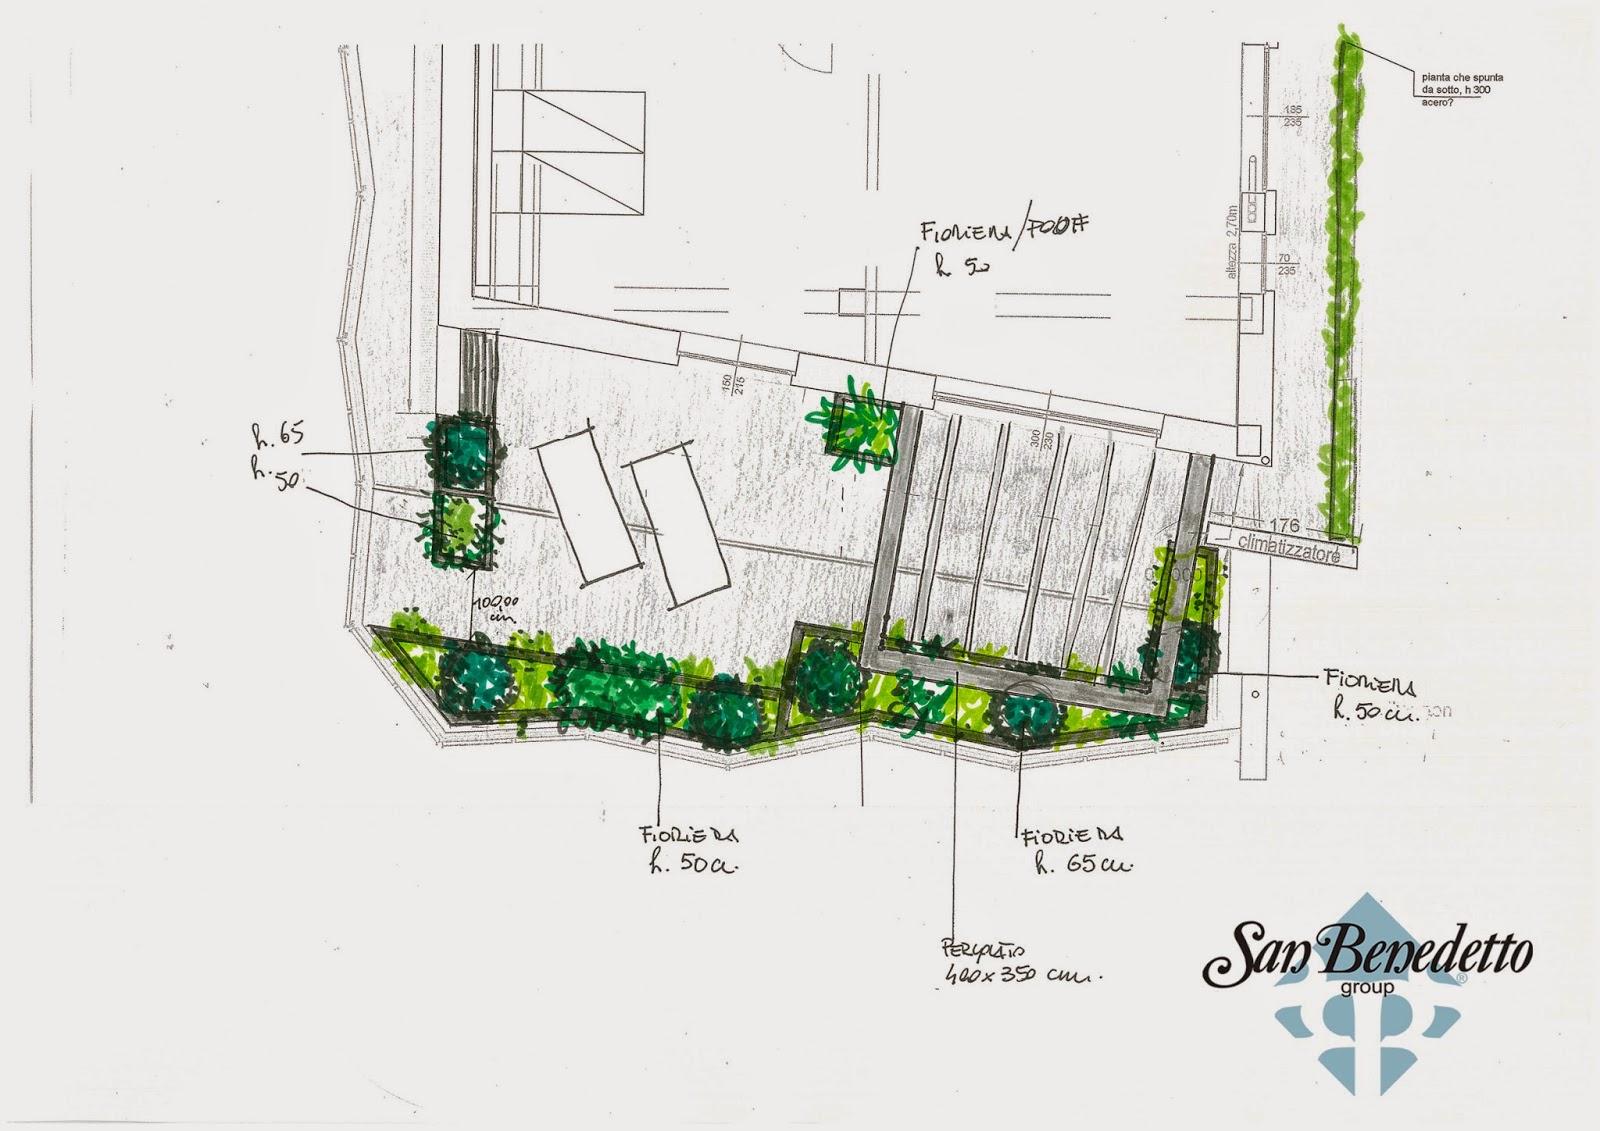 Progettare Il Giardino In Terrazzo: Terrazzi e giardini pensili ...